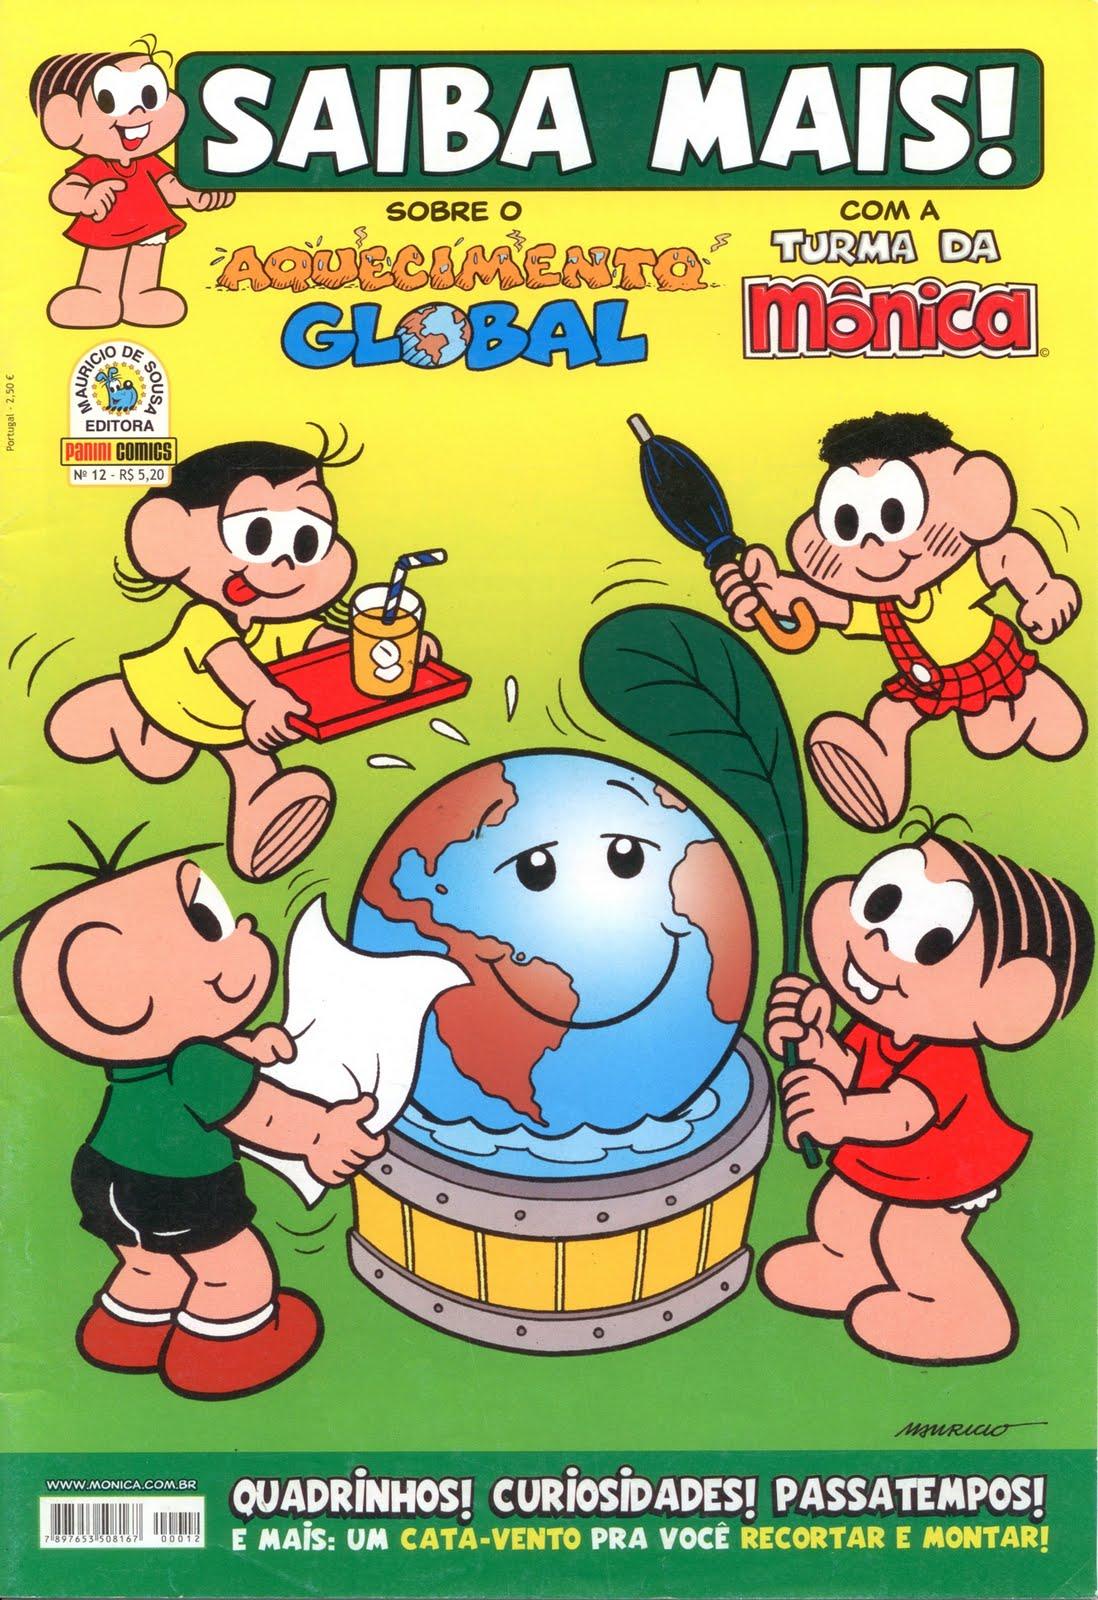 imagens coloridas de meio de comunica o revistas